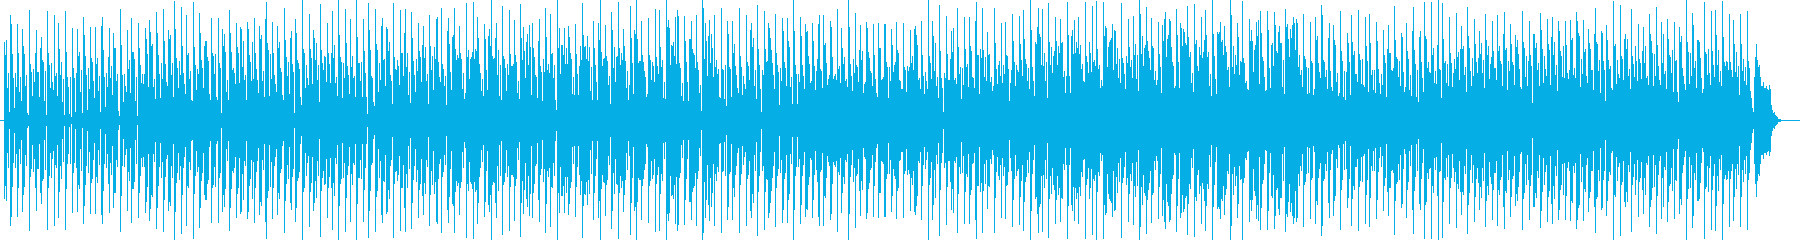 穏やかで楽しいシンセサイザーサウンドの再生済みの波形